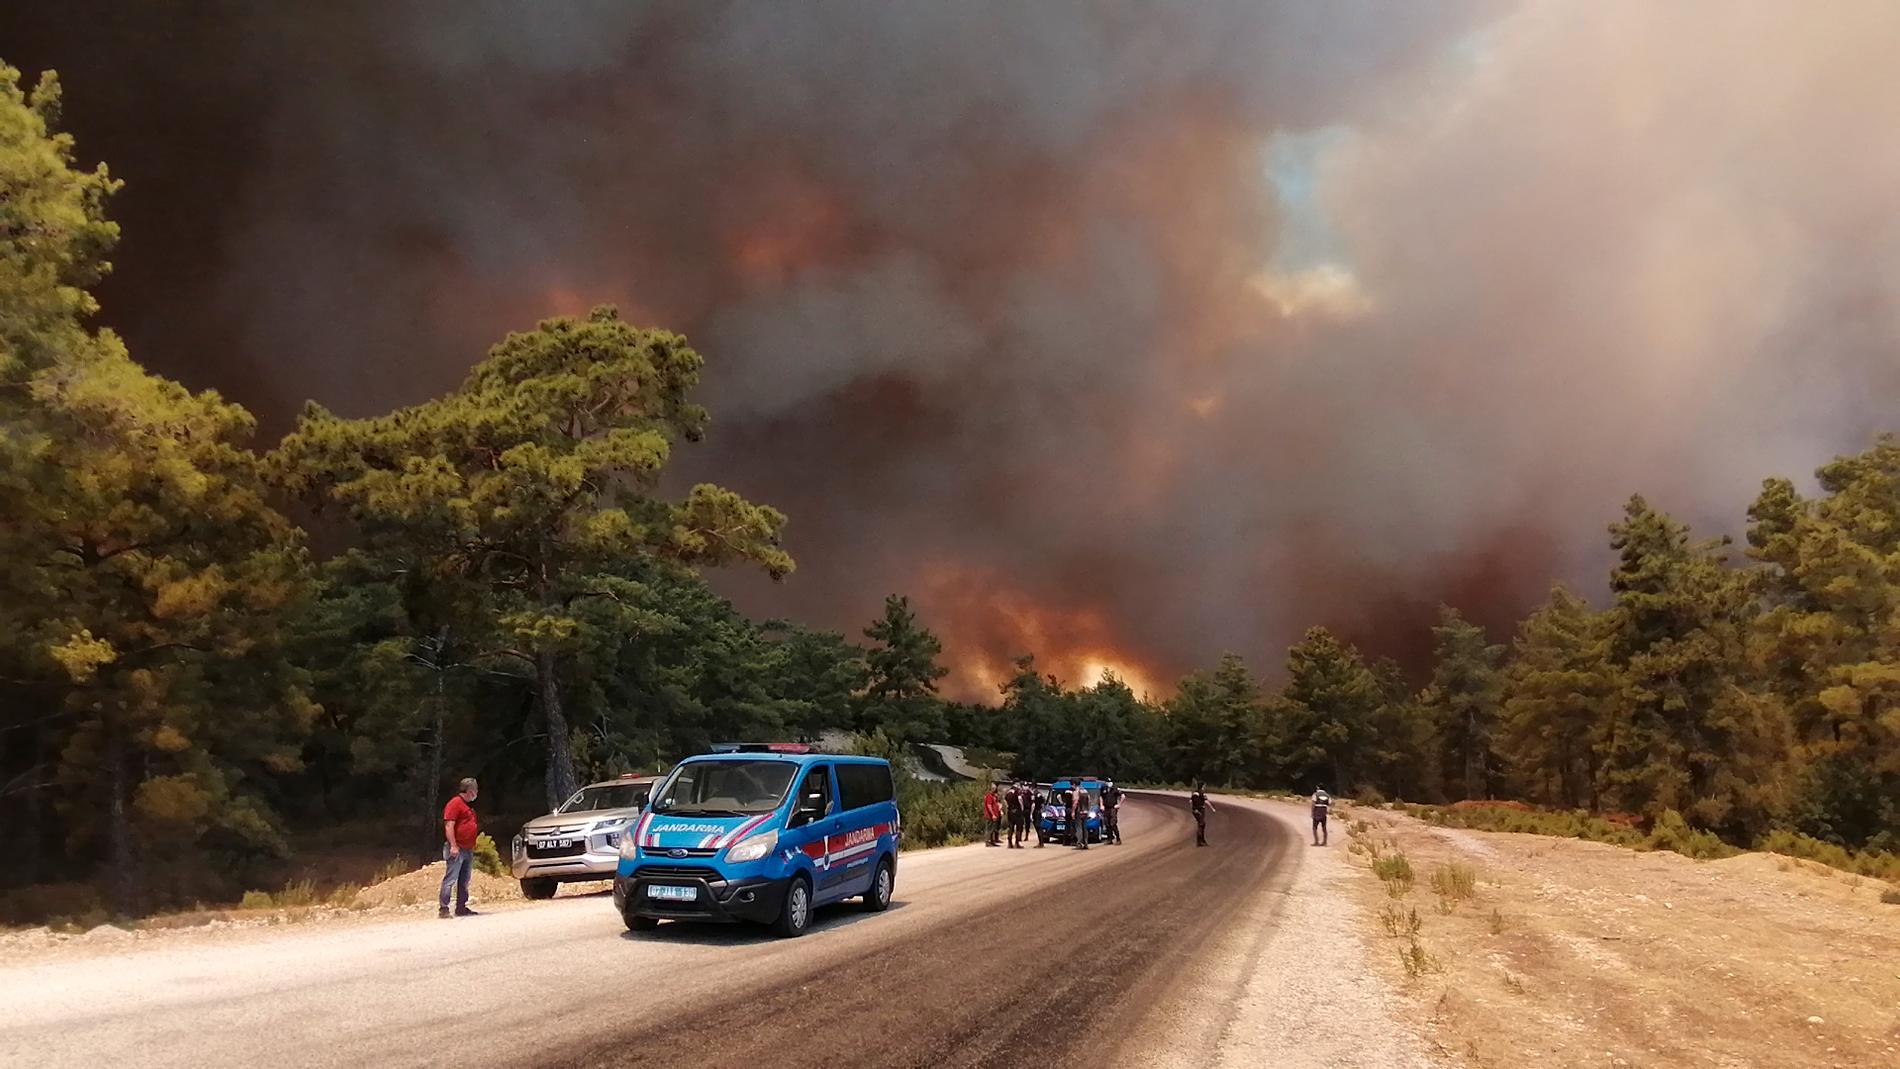 En våldsam skogsbrand härjar nära turistorten Manavgat i södra Turkiet.